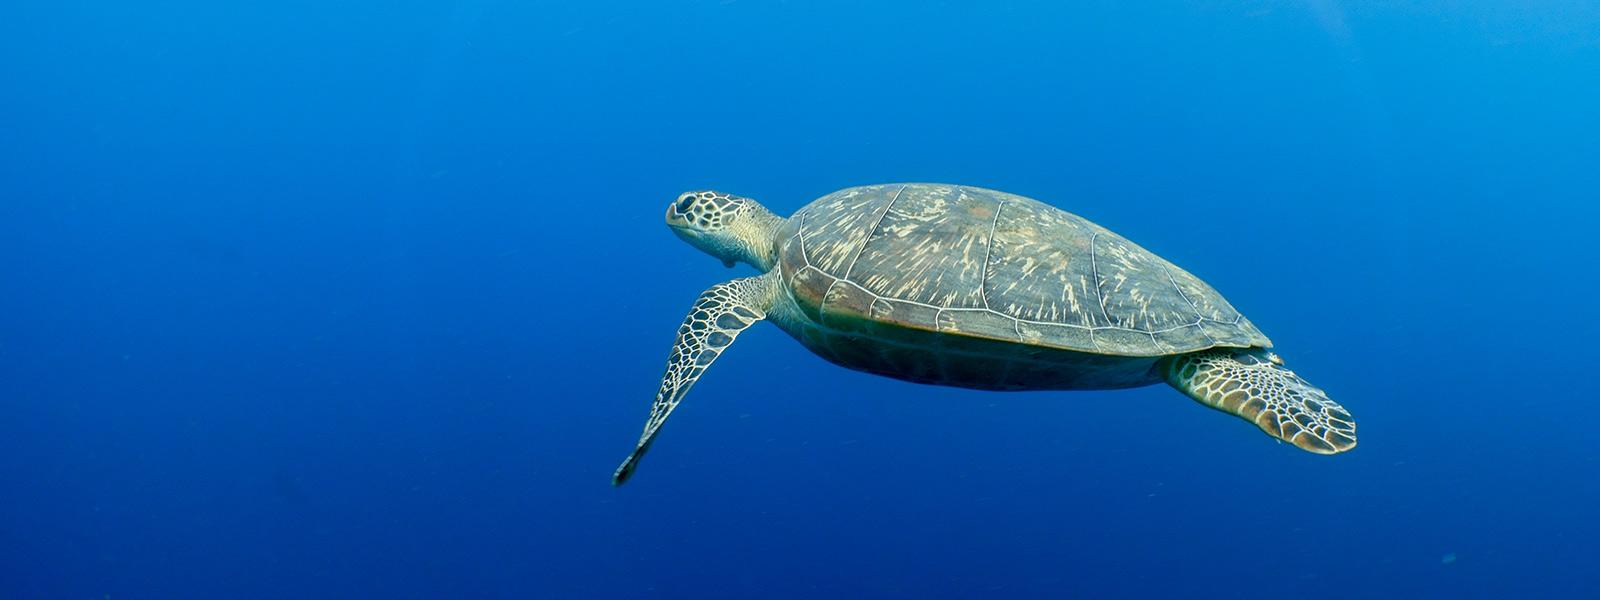 Maldives Green Sea Turtle